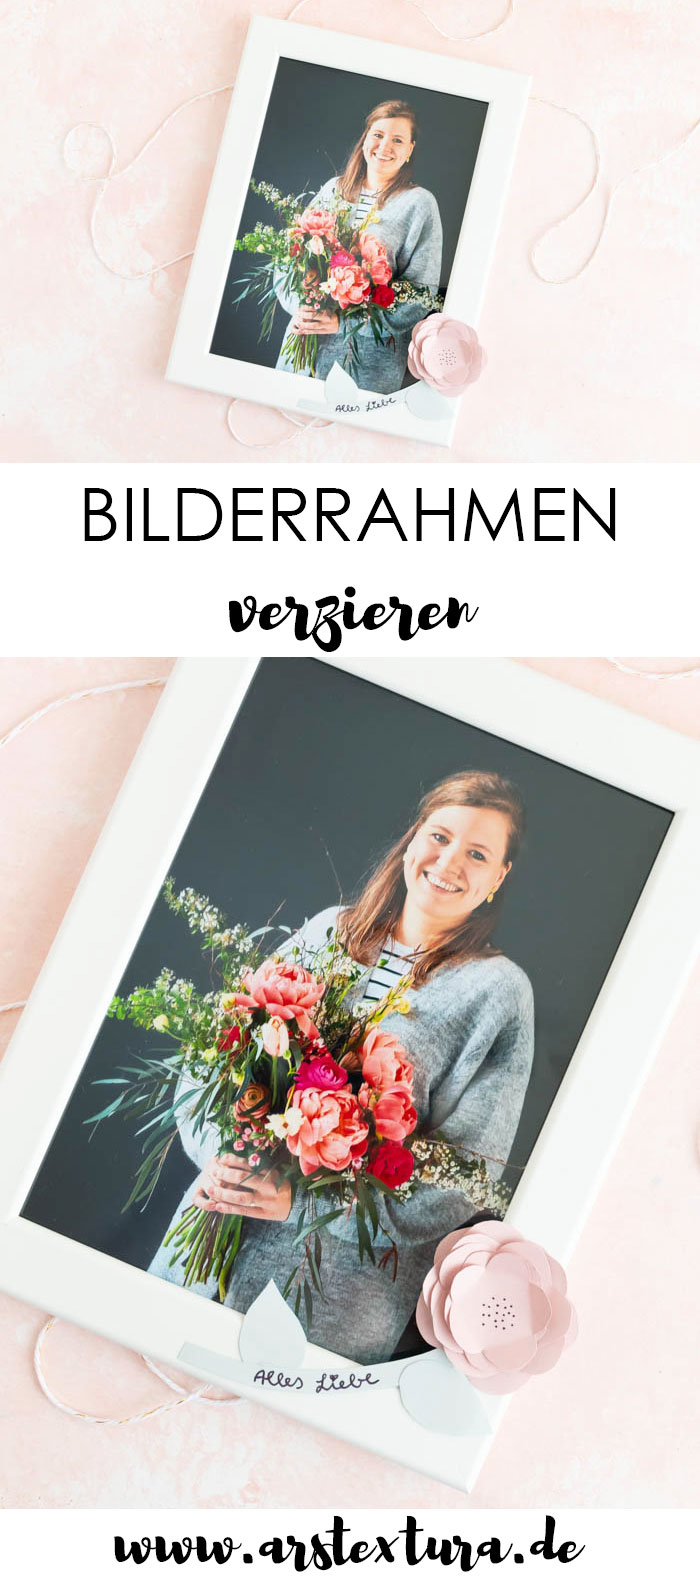 Bilderrahmen mit Blumen verzieren - DIY Geschenk zum Muttertag